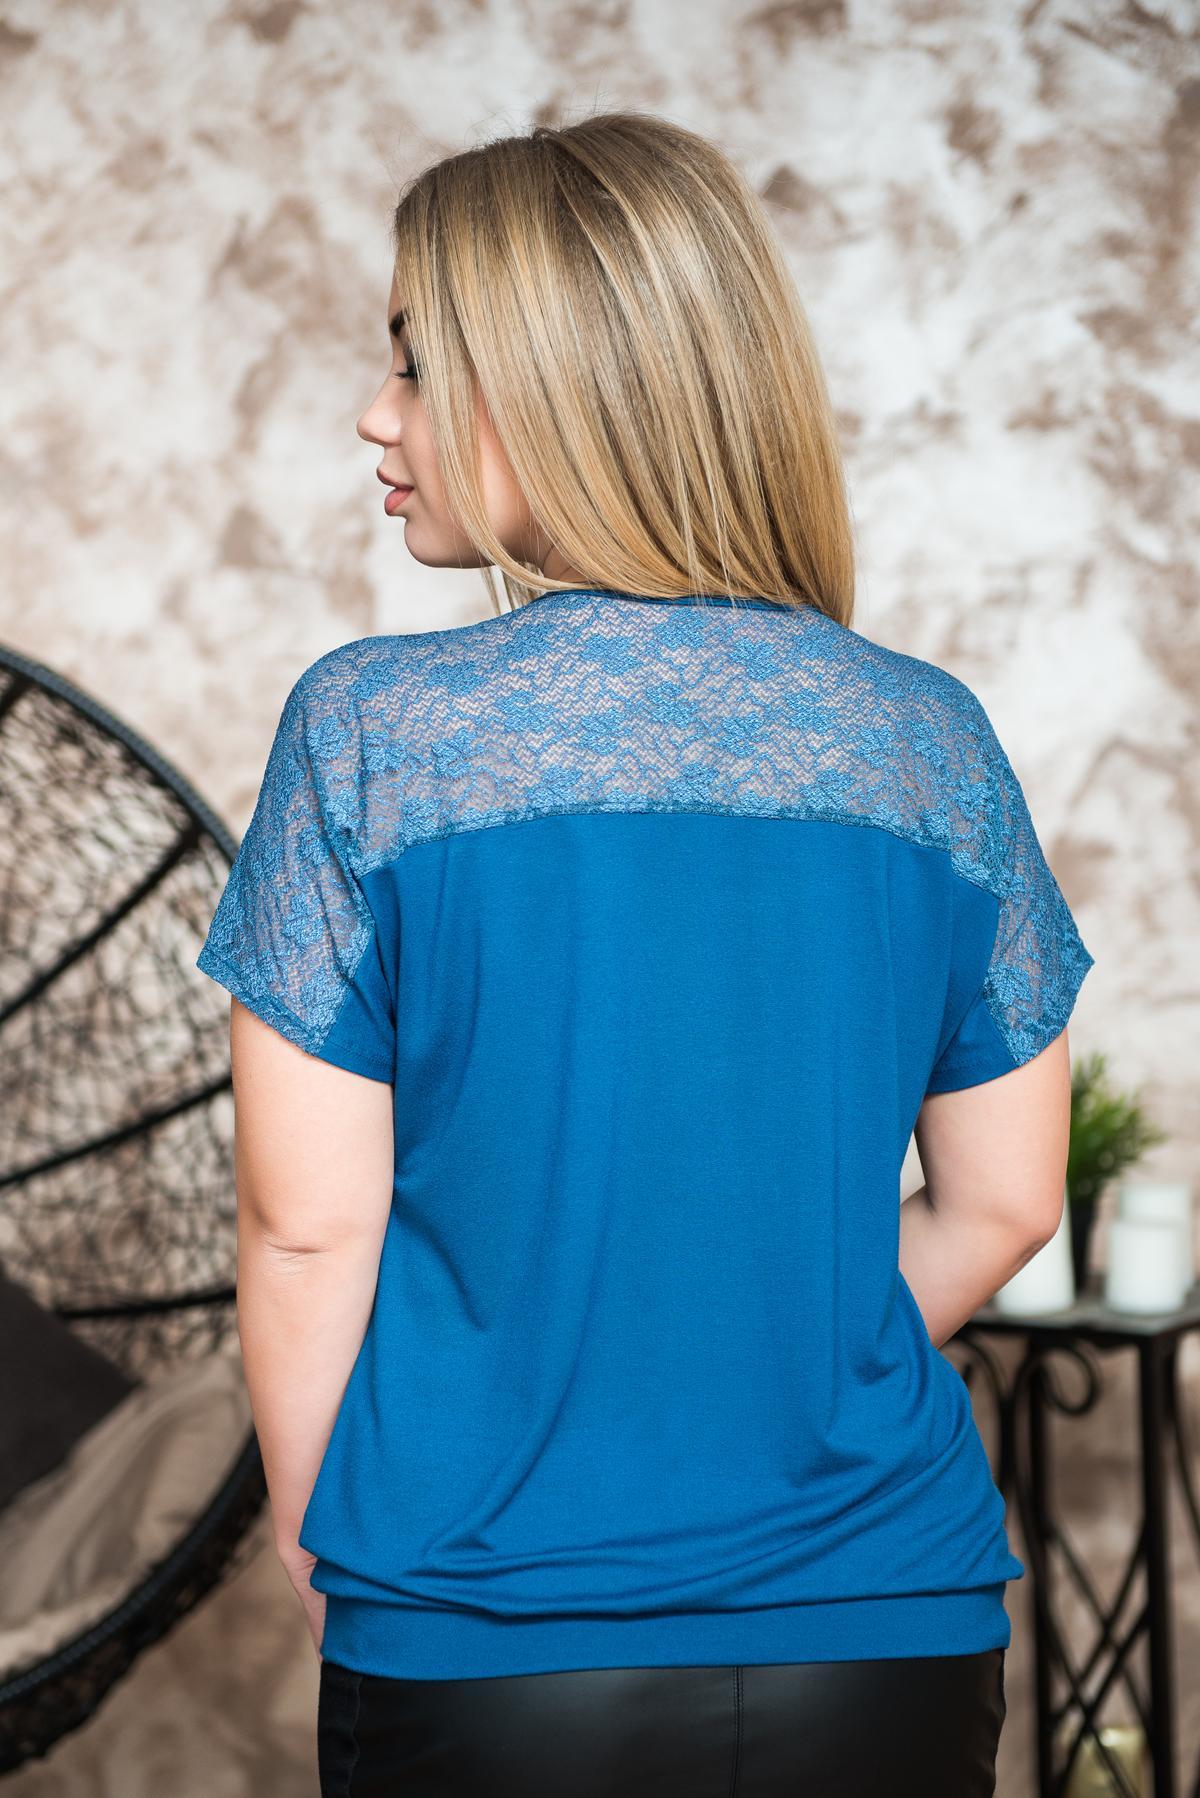 Жен. блуза арт. 19-0228 индиго р.